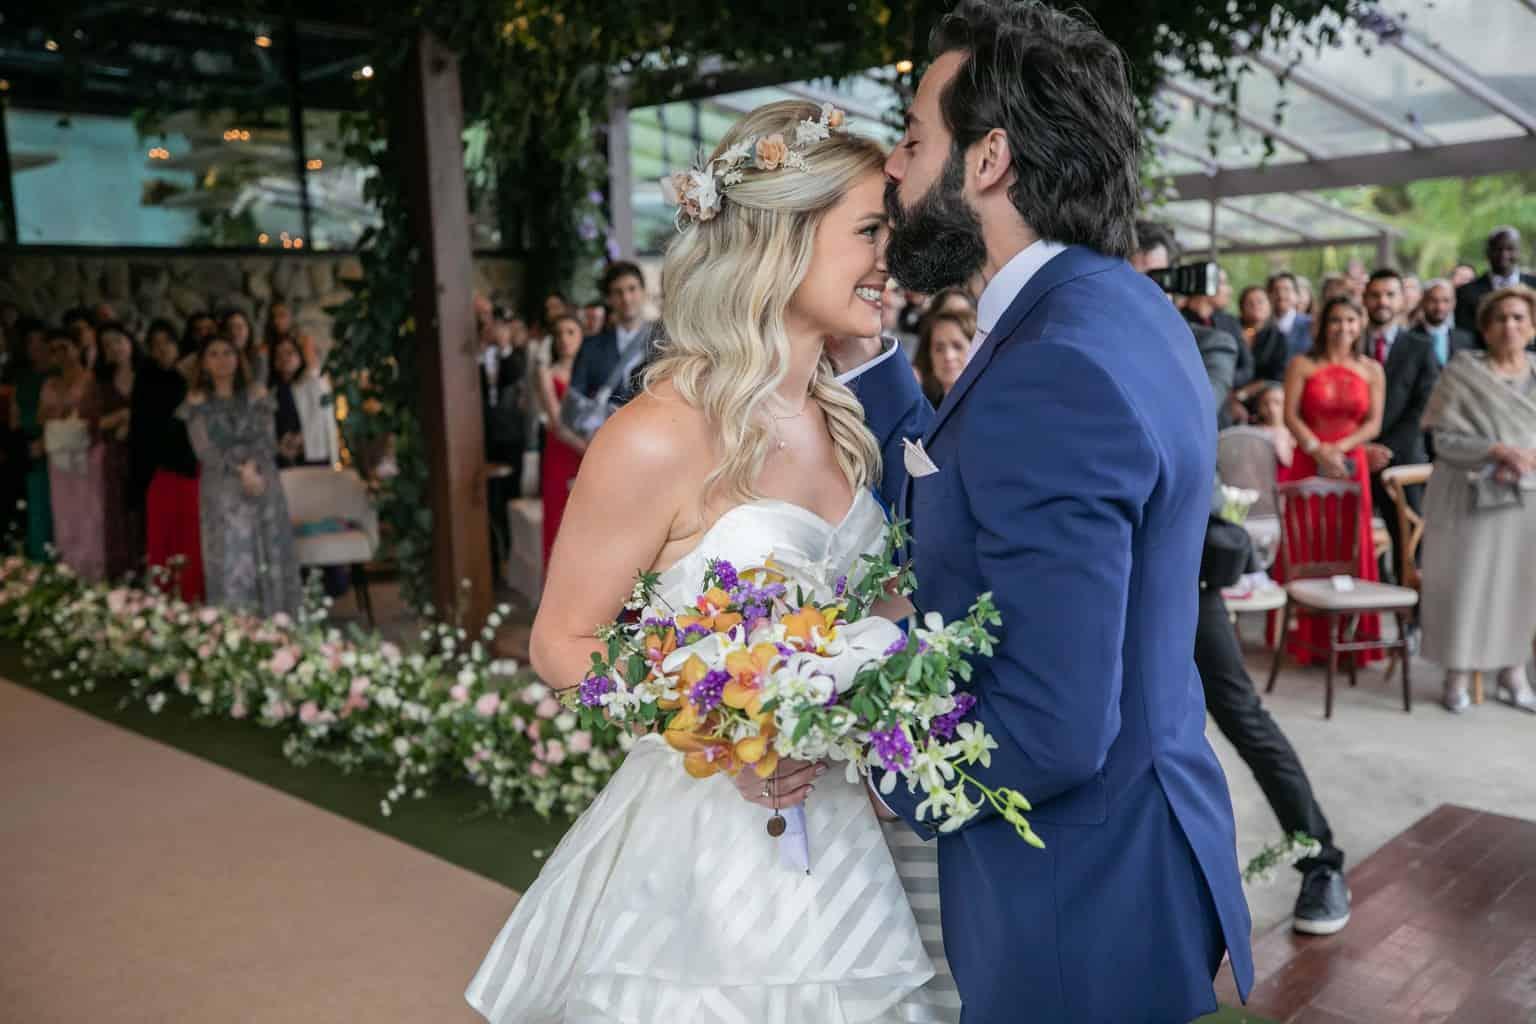 Casamento-Milene-e-Leonardo-cerimonia-ao-ar-livre-decoracao-da-festa-Roberto-Tamer-terras-claras172